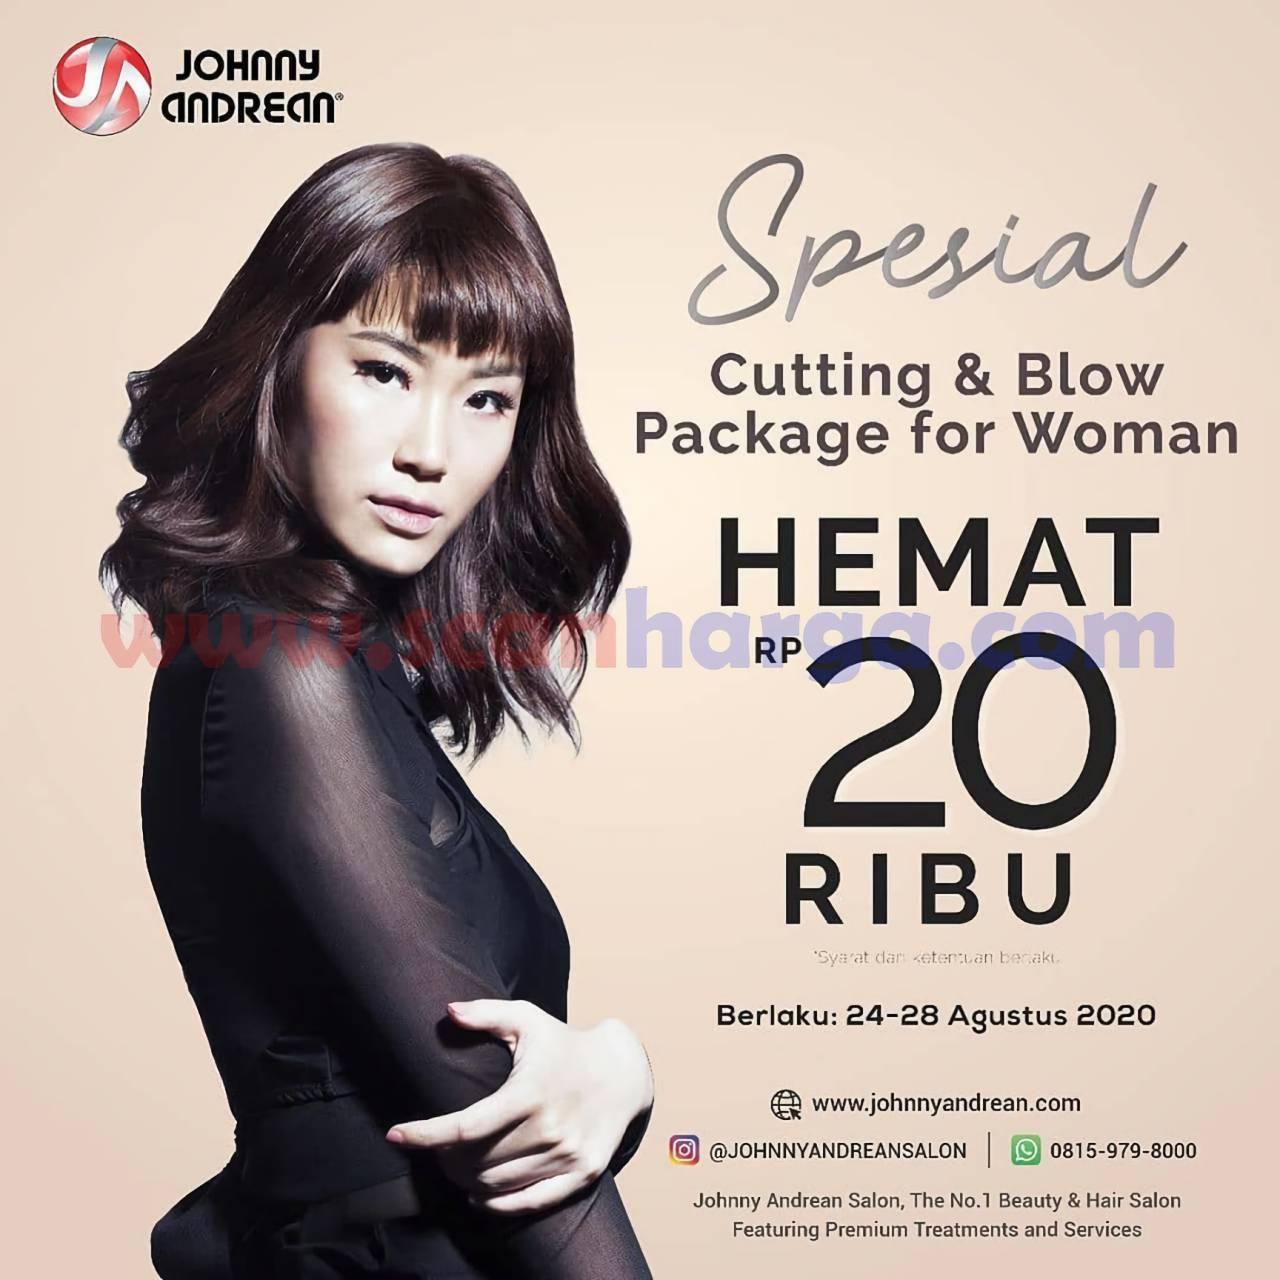 Promo Jhonny Andrean Salon Terbaru Spesial Hemat 20 Ribu Cutting & Blow Package